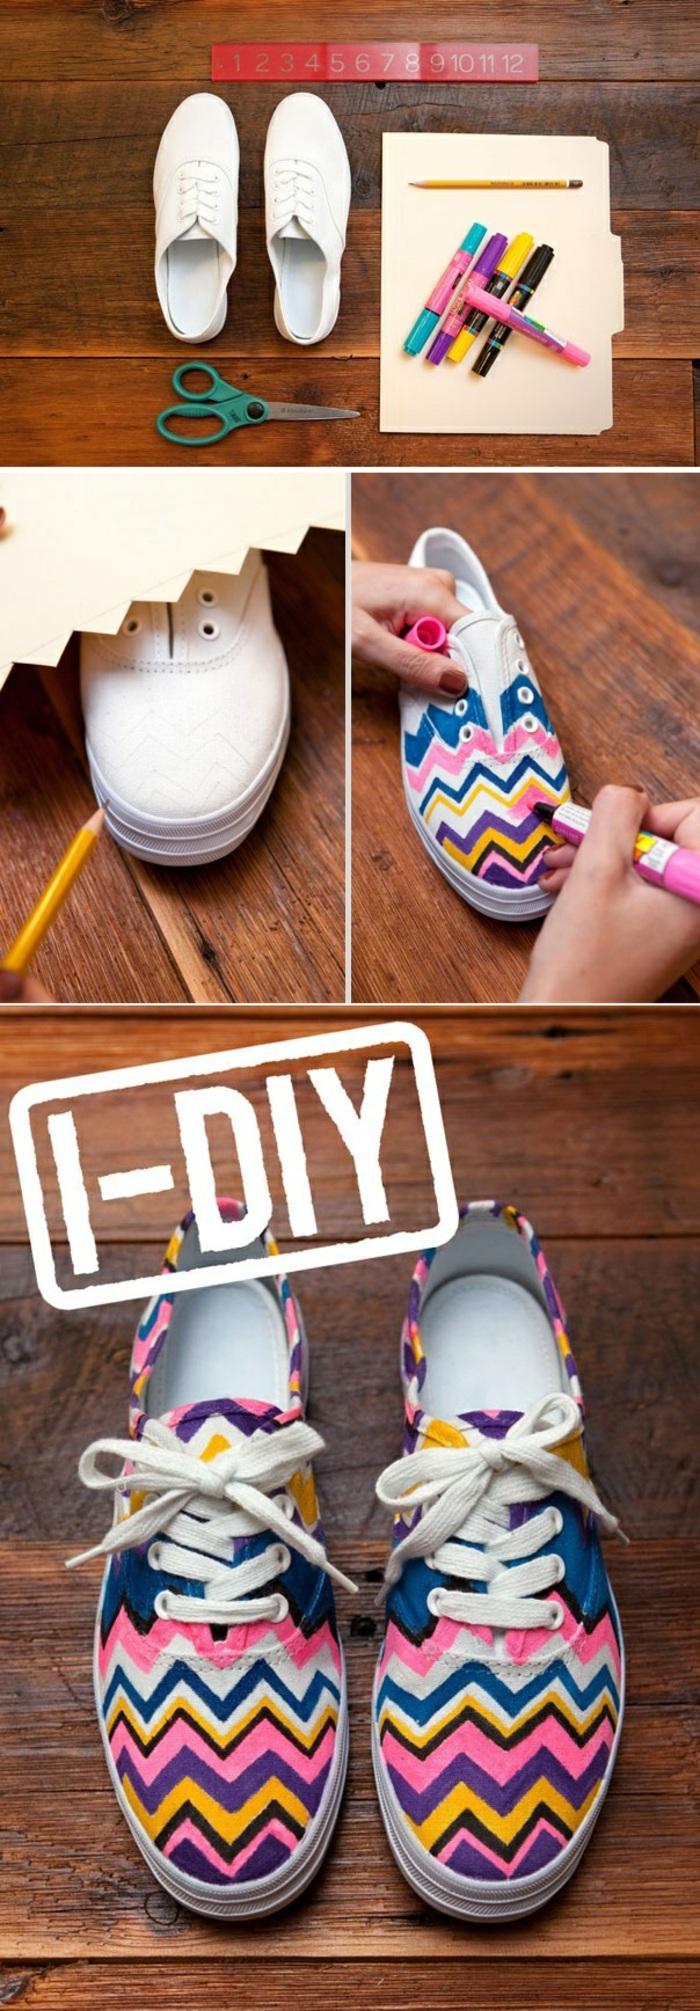 activités manuelles printemps, exemple comment customiser ses baskets avec peinture, diy baskets aux motifs géométriques